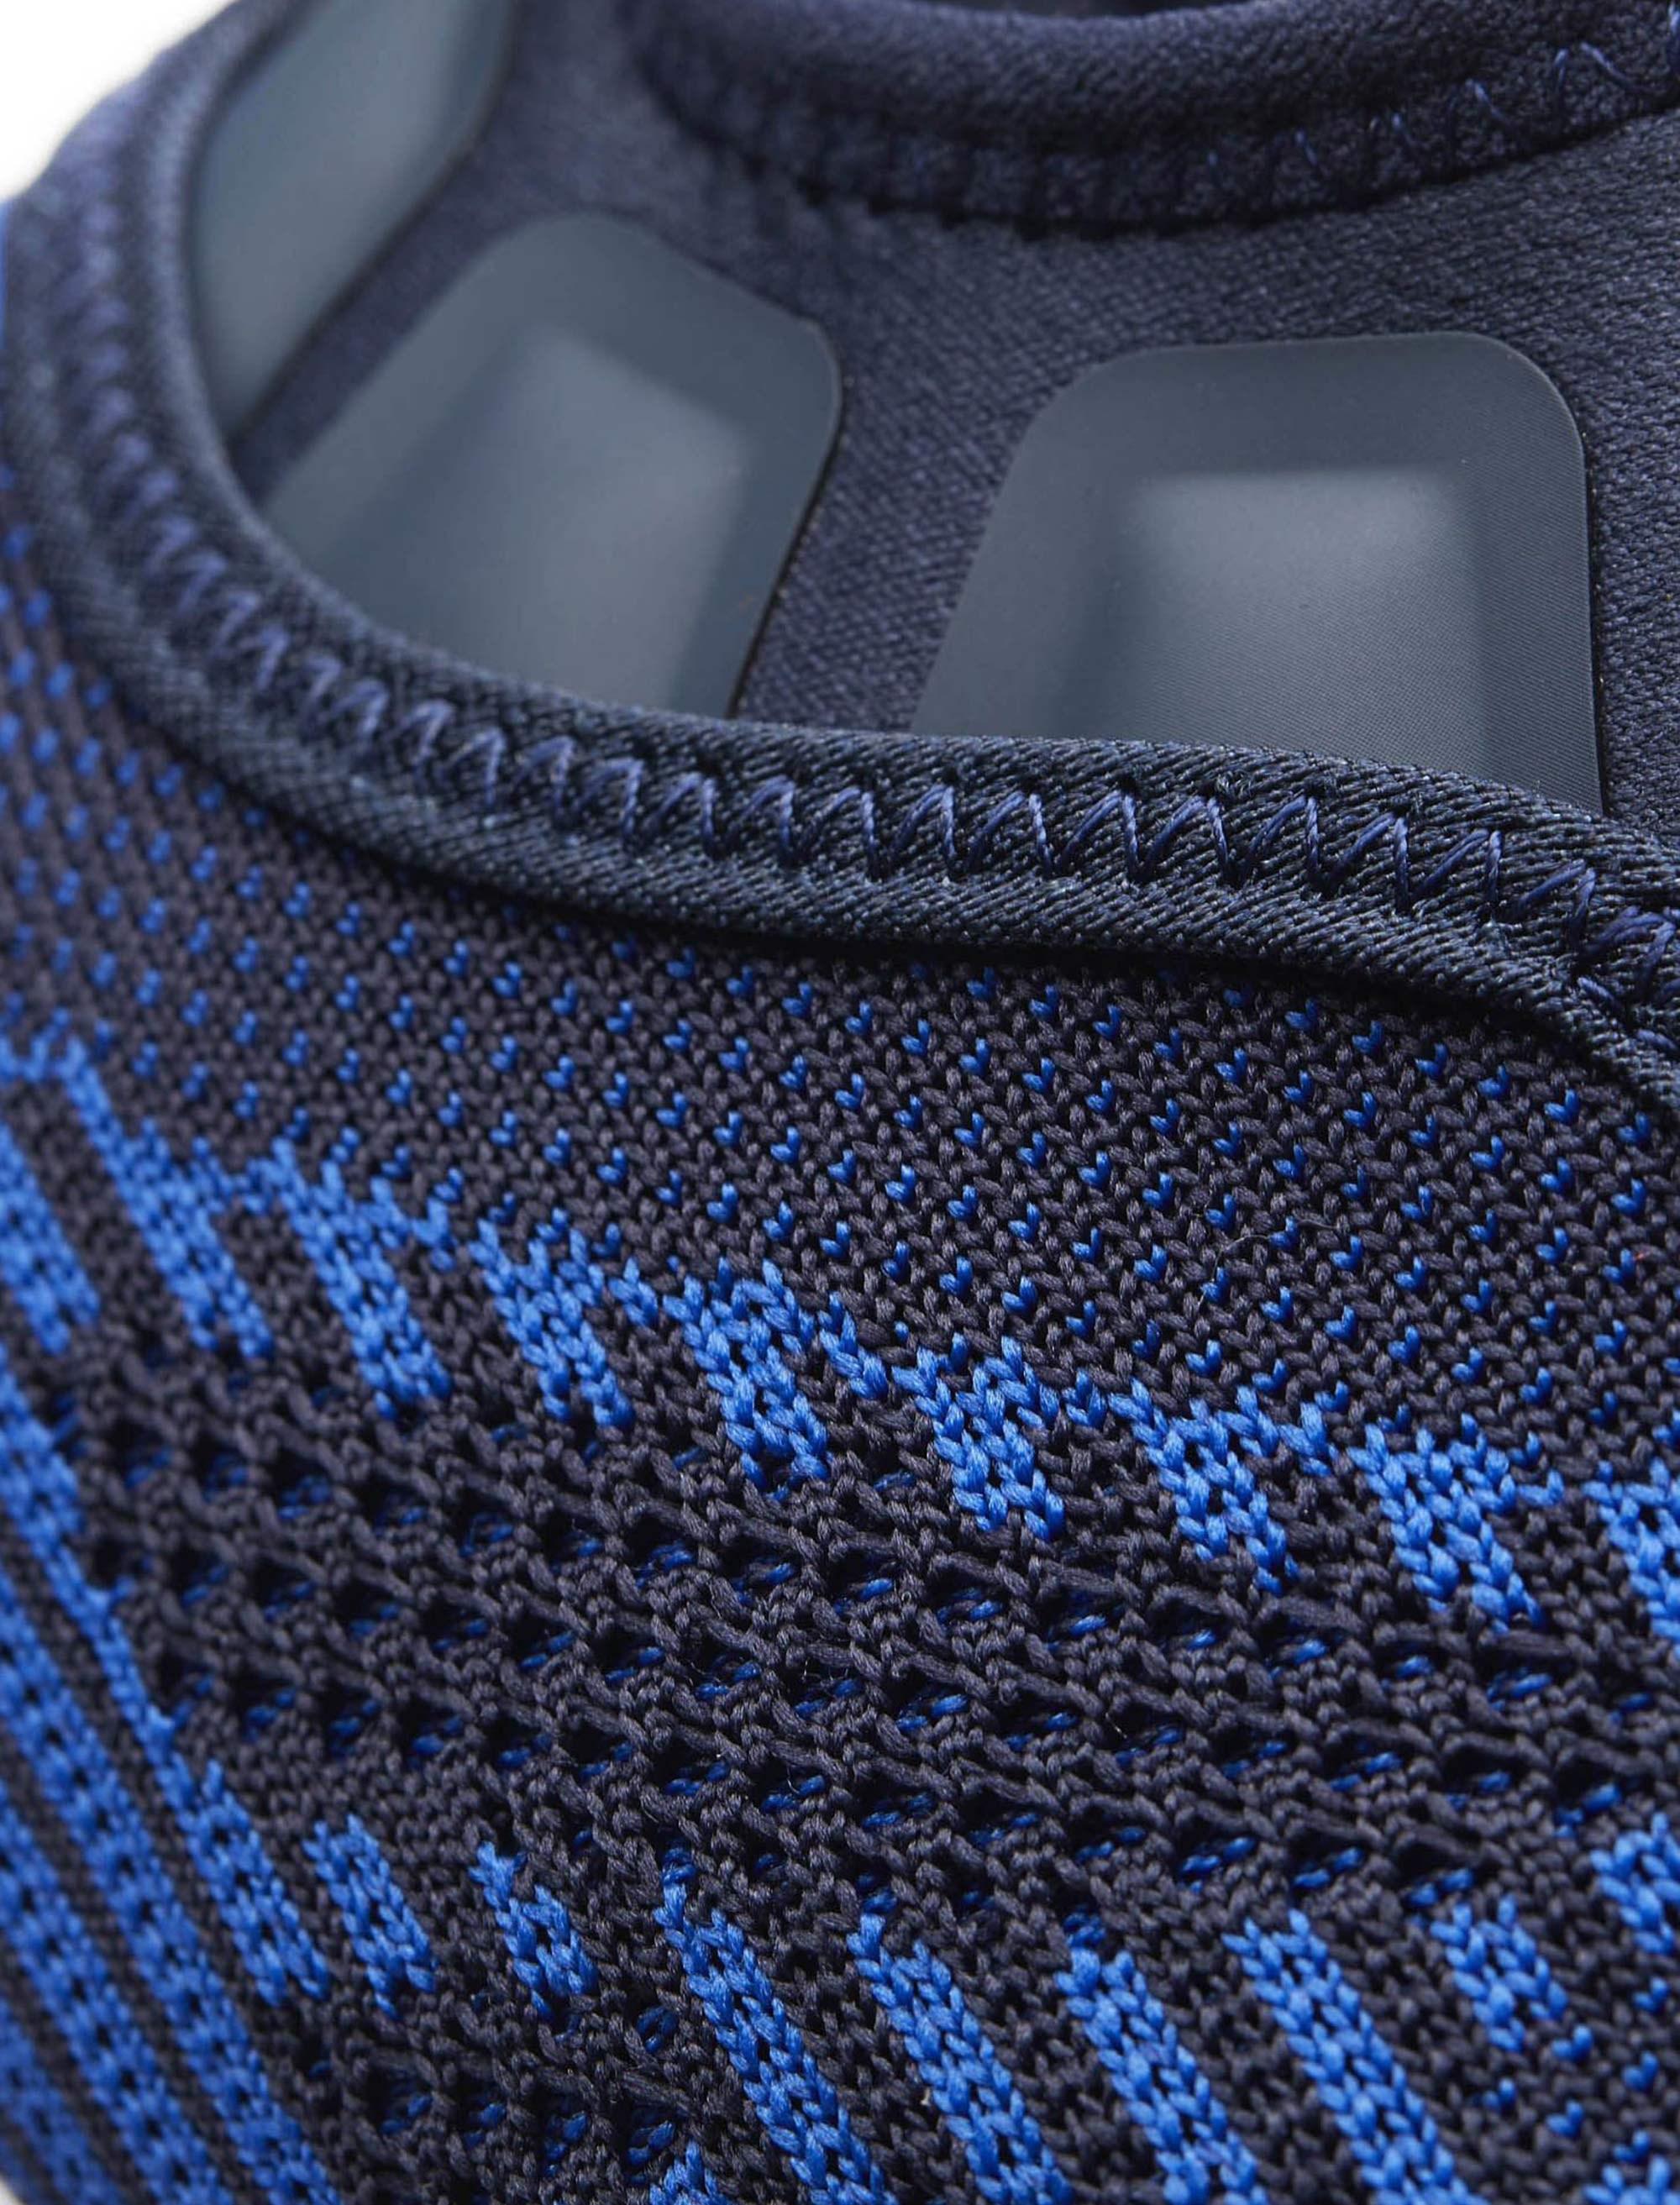 کفش دویدن بندی مردانه Pump Plus Ultraknit - ریباک - آبي سرمه اي - 7